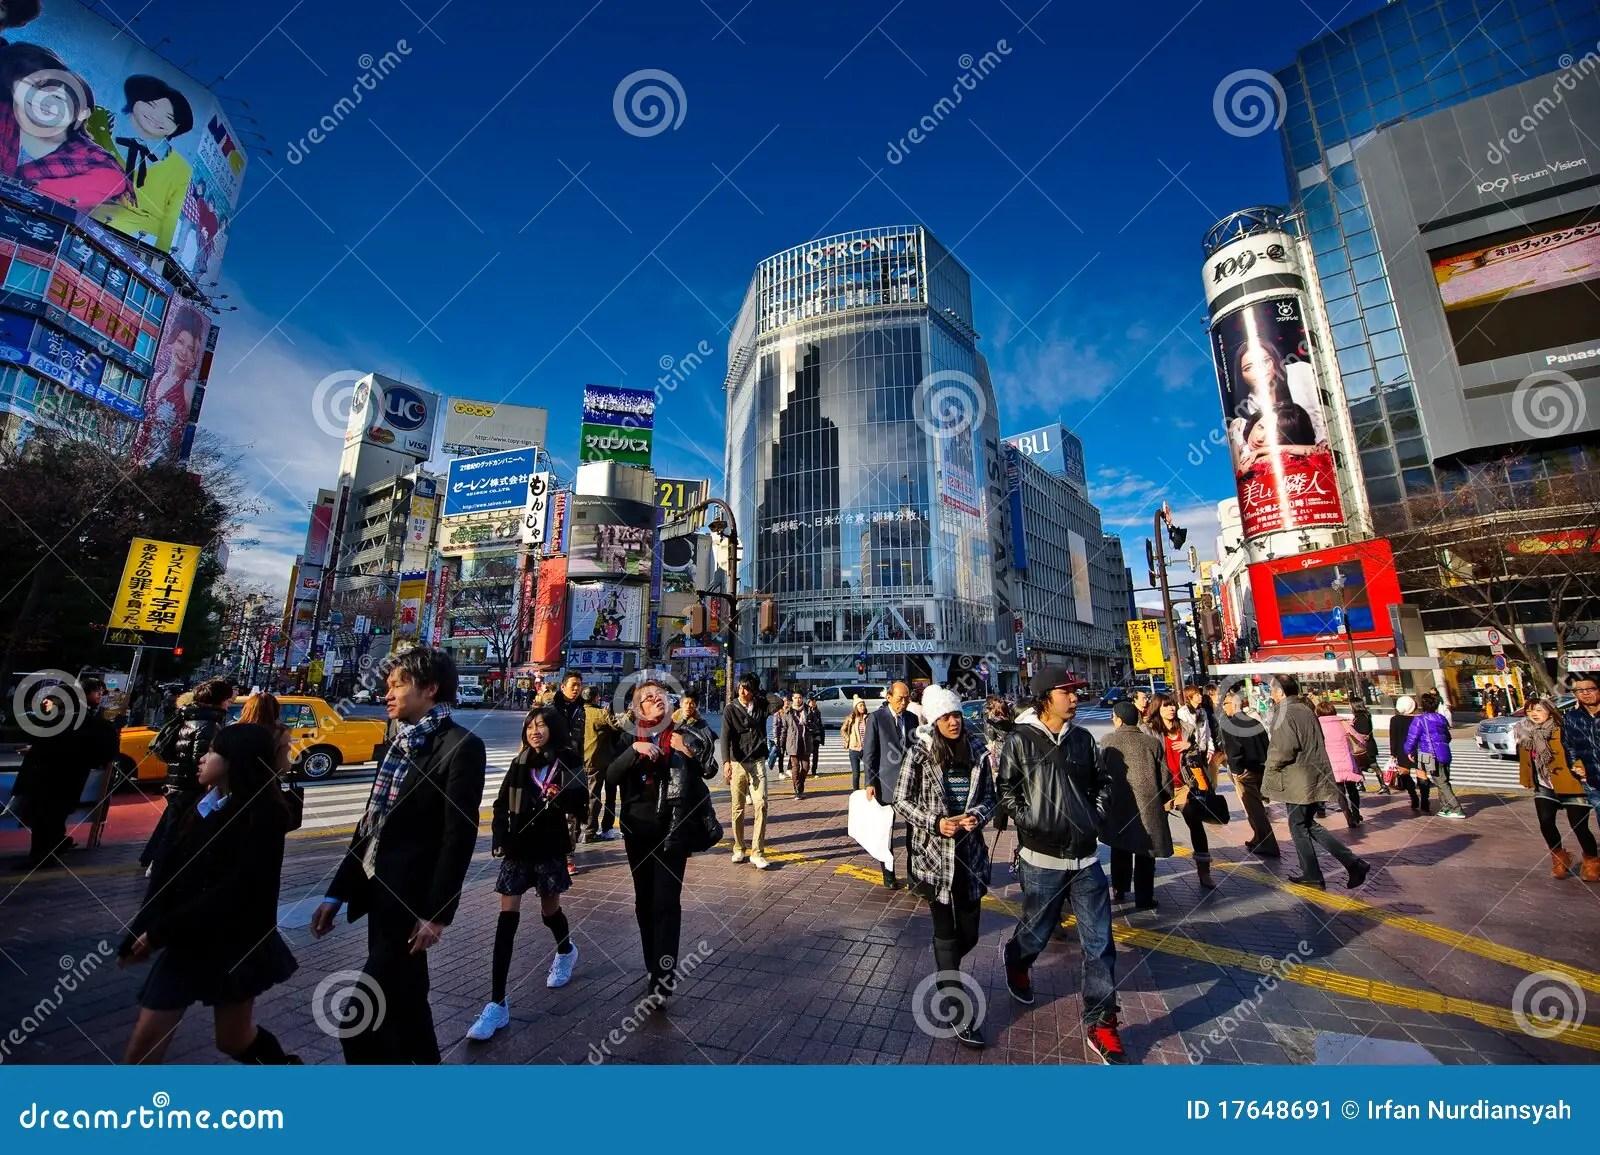 Abstract Fall Colors Wallpaper Japan Tokyo Shibuya Editorial Photo Image 17648691